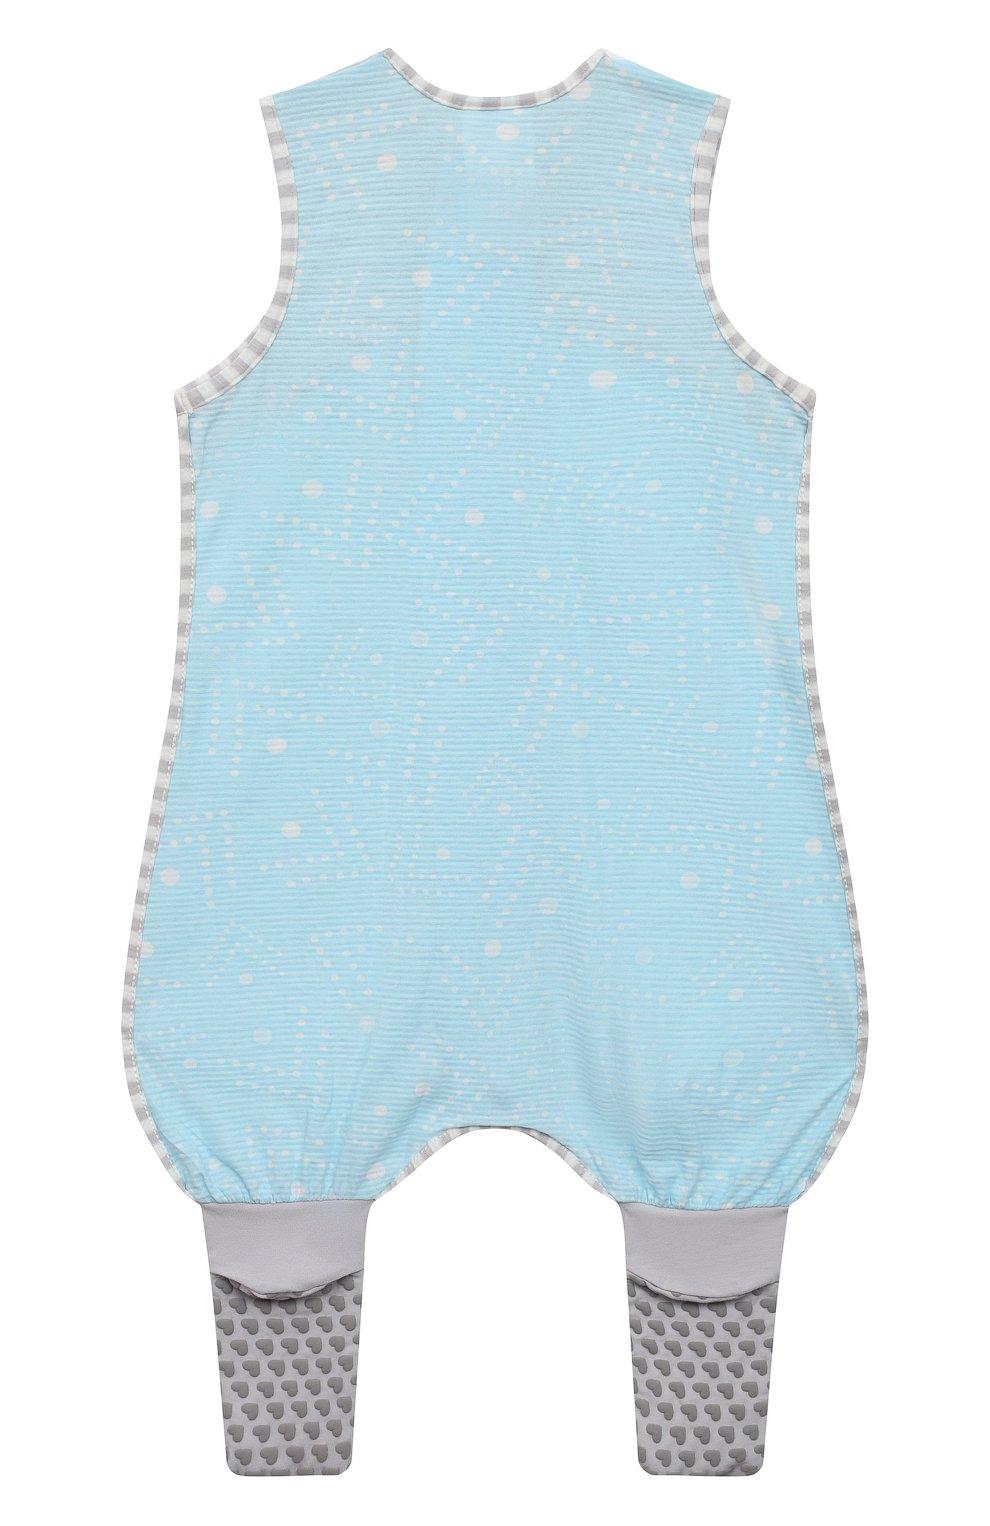 Детский хлопковый комбинезон LOVE TO DREAM голубого цвета, арт. L40 16 088 BLU 6M | Фото 2 (Рукава: Короткие; Материал внешний: Хлопок; Ростовка одежда: 6 мес | 68 см)